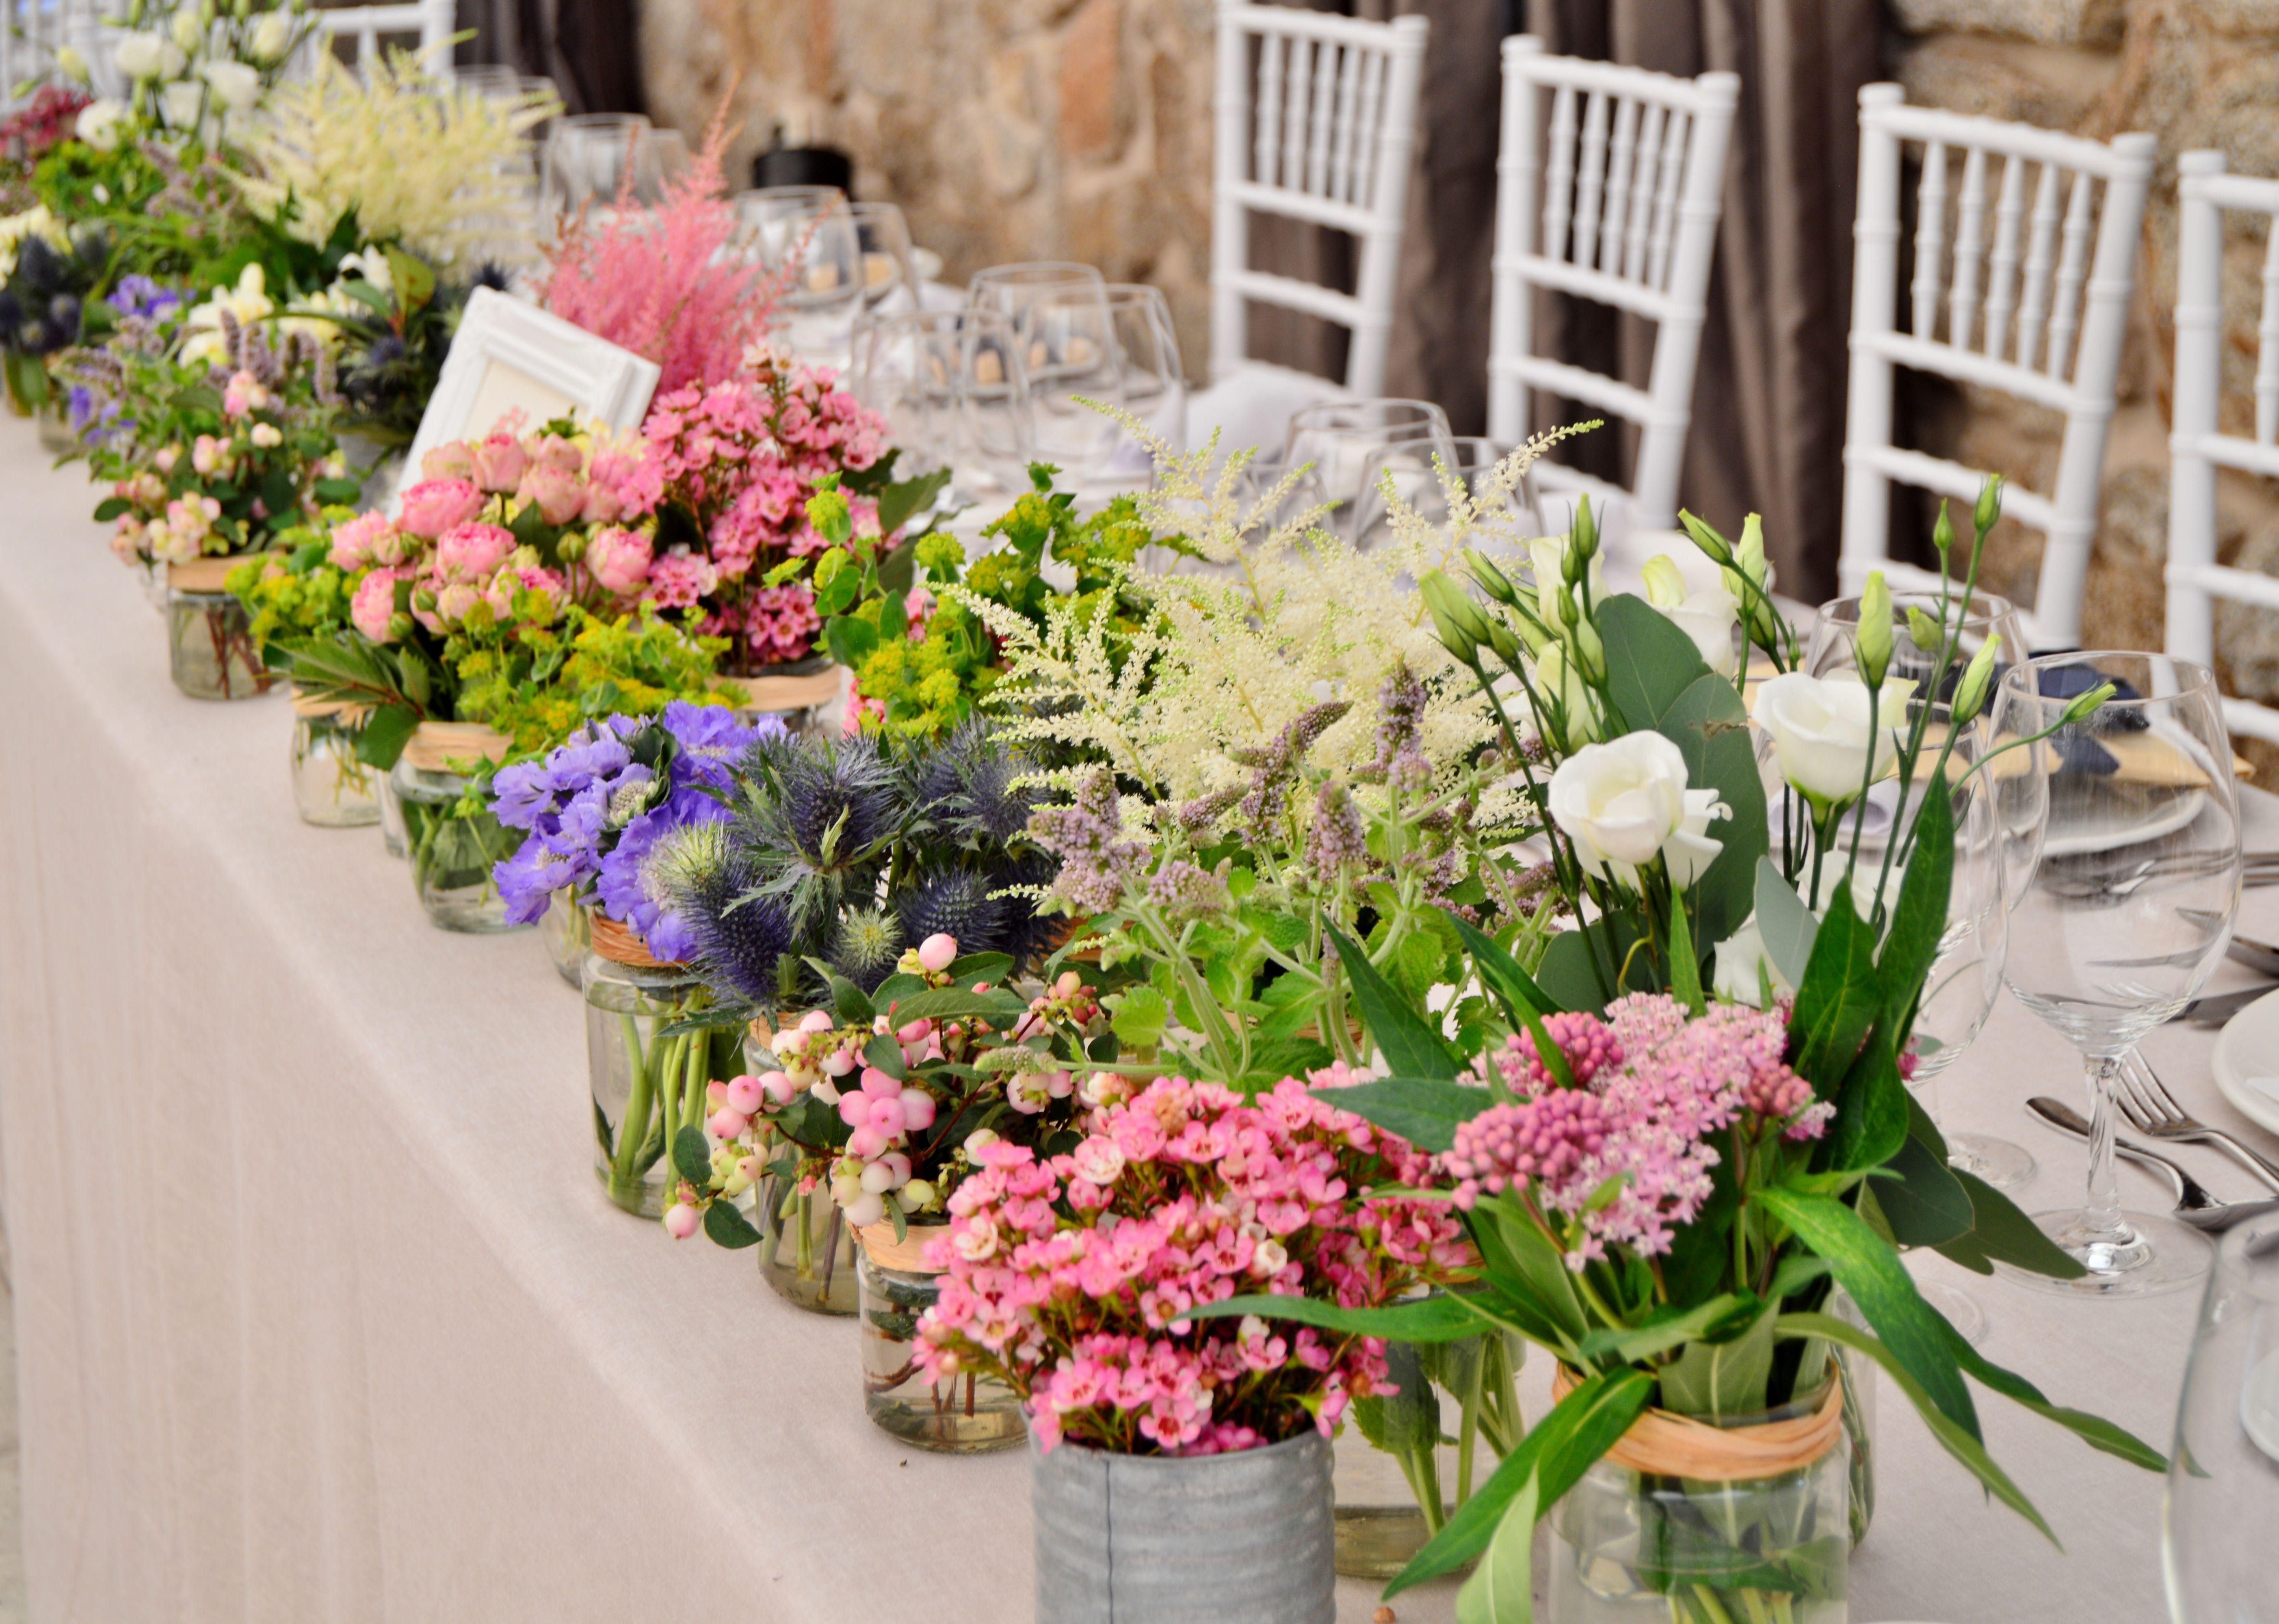 Flores decoraci n de mesa por llorens dur n c tering - Decoracion bodas civiles ...